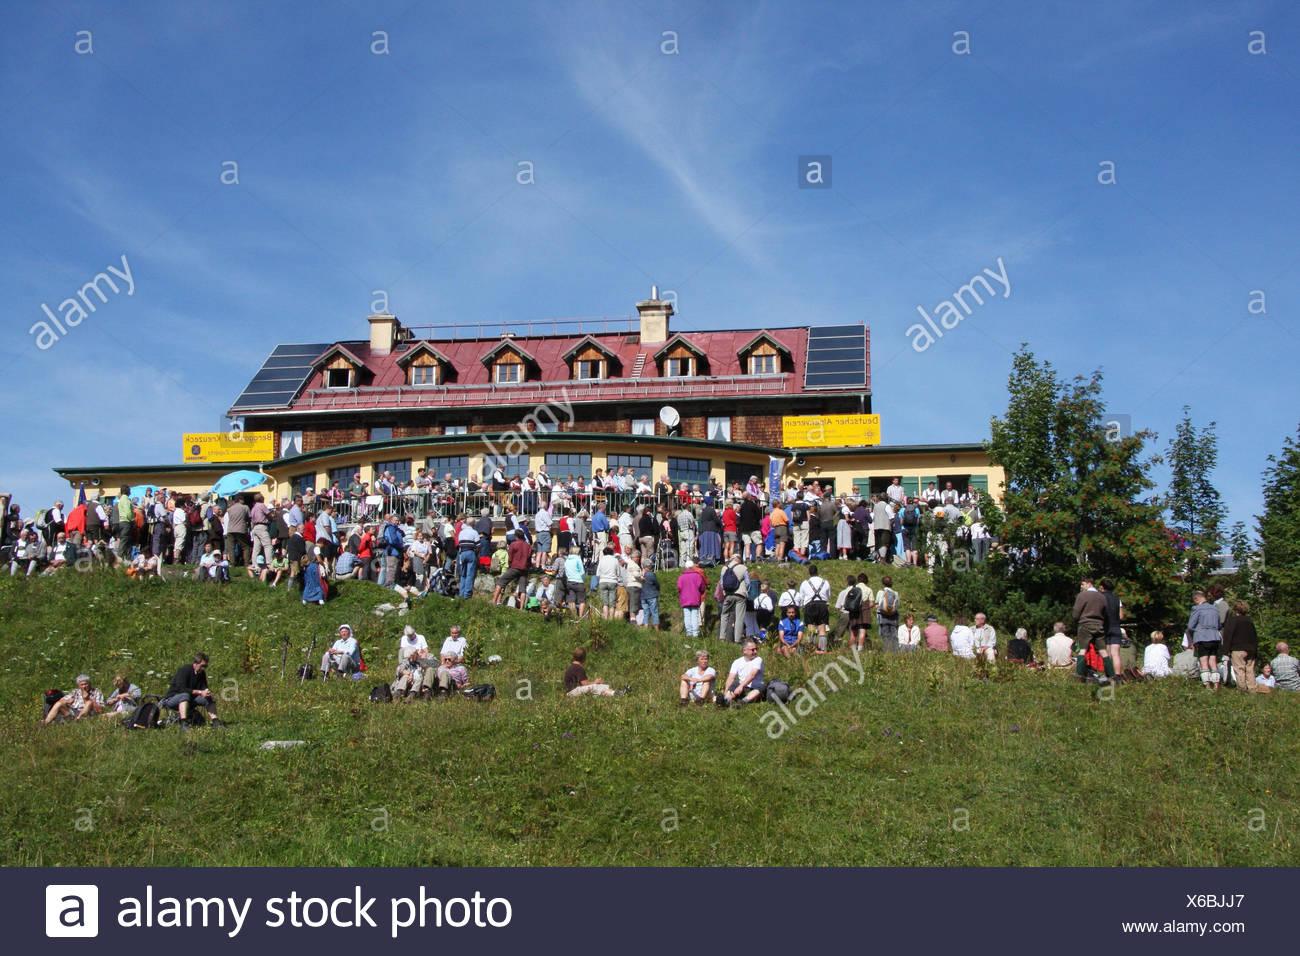 Deutschland, Bayern, Garmisch Partenkirchen, Cross Ecke, Almsingen, Gäste,  Kein Model Release, Oberbayern, Wiese, Alm, Terrasse, Person, Zünftig, ...